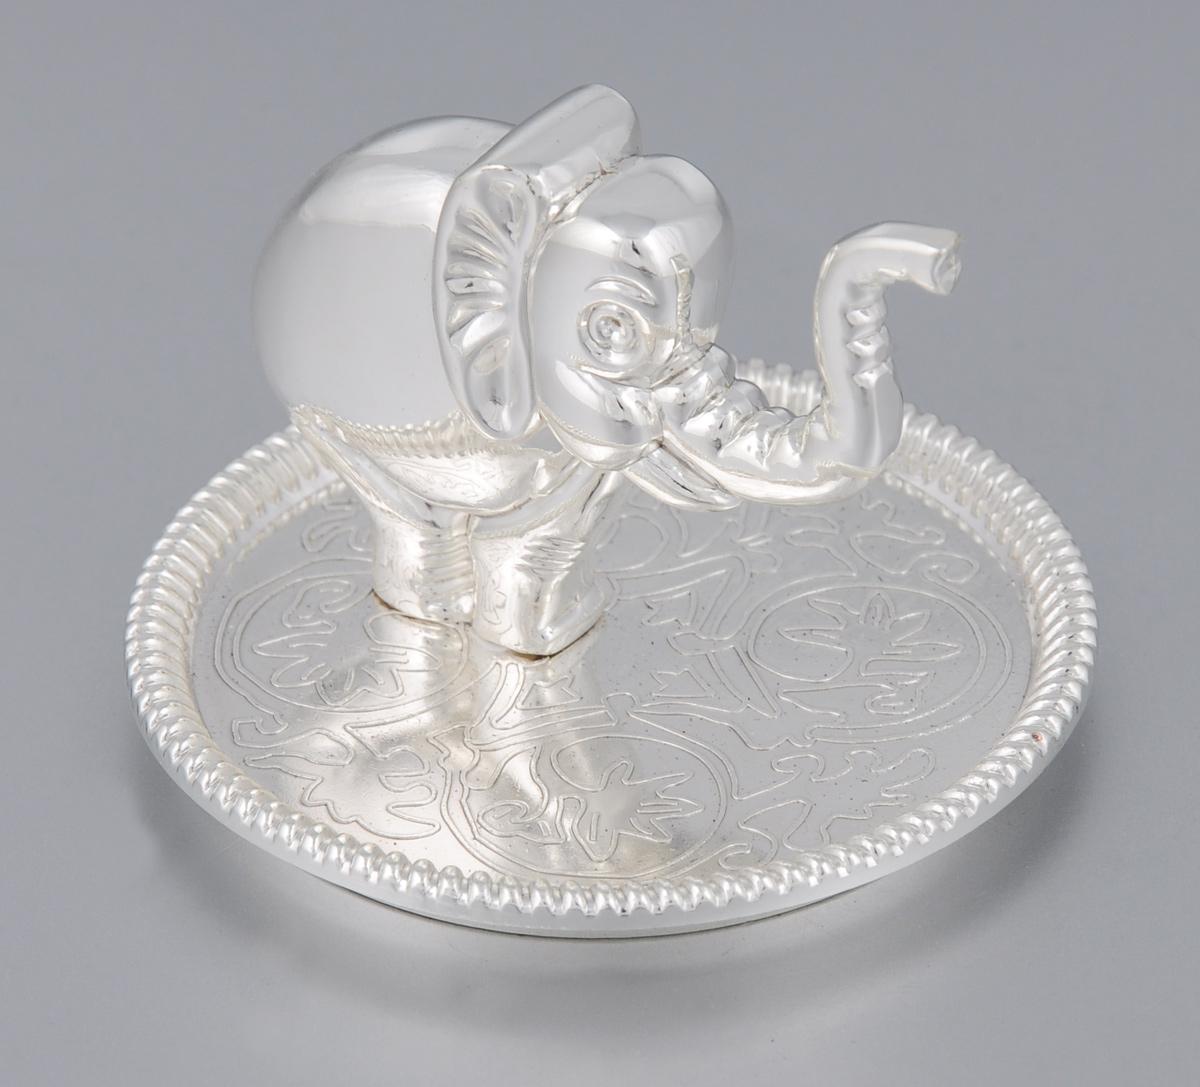 Подставка для украшений Marquis. 4027-MR94672Оригинальная подставка для украшений Marquis изготовлена из высококачественной стали с серебряно-никелевым покрытием. На дне бархатистая ткань, предотвращающая скольжение. Подставка-держатель выполнена в виде слона, на которого можно вешать кольца. Подставка для украшений Marquis благодаря своей практичности и необычности станет не только идеальным подарком представительнице прекрасного пола, но и изысканным украшением интерьера.Диаметр основания: 6,8 см.Высота подставки: 5,5 см.